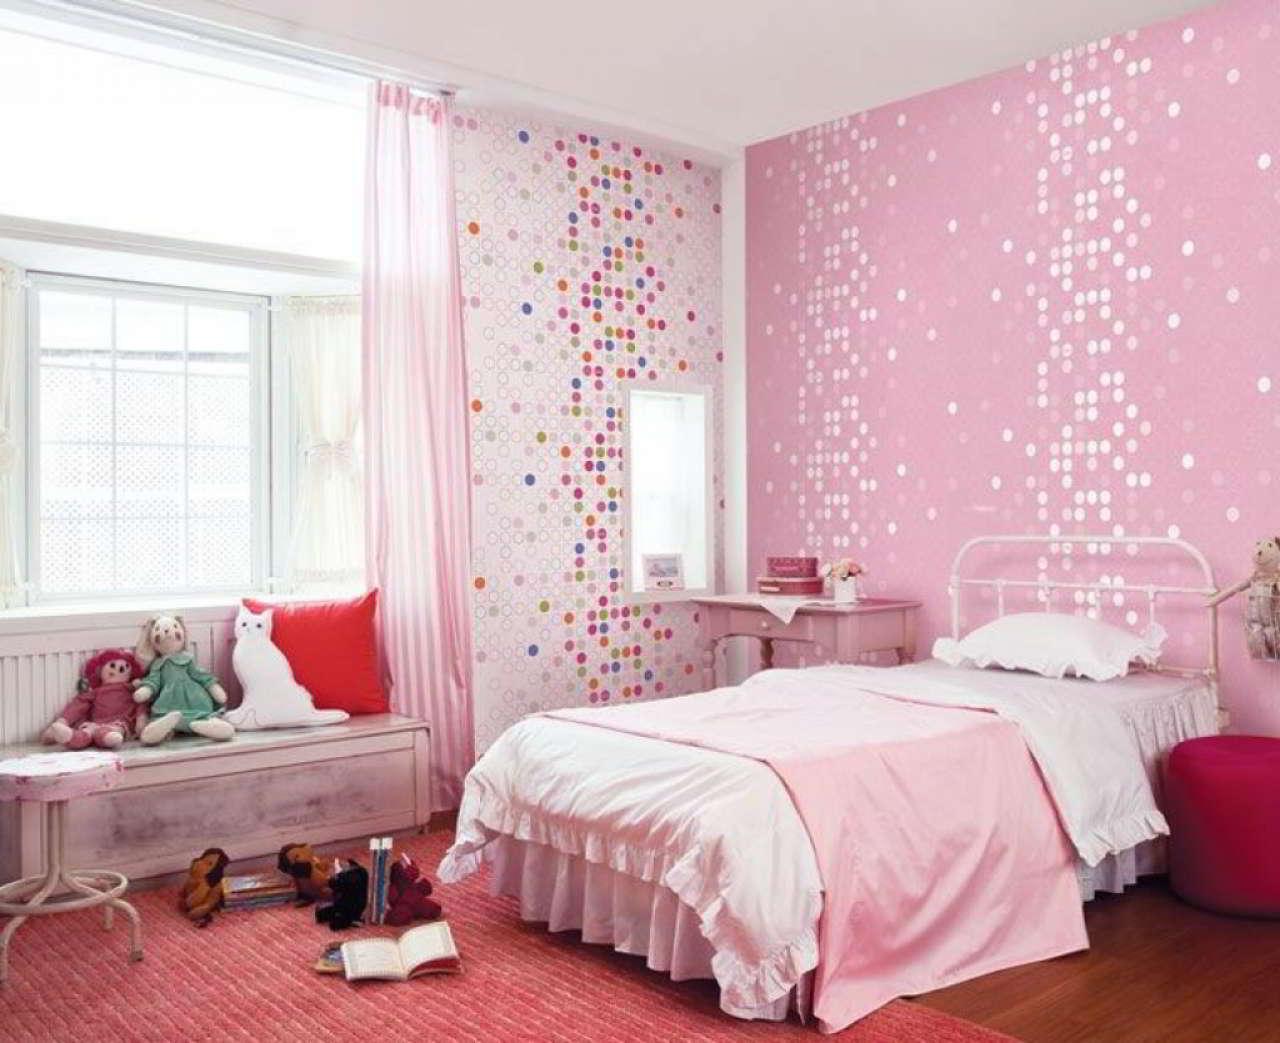 Foto Wallpaper Kamar Tidur Anak Perempuan Pink | Desain Wallpaper Kamar Tidur Utama Mewah